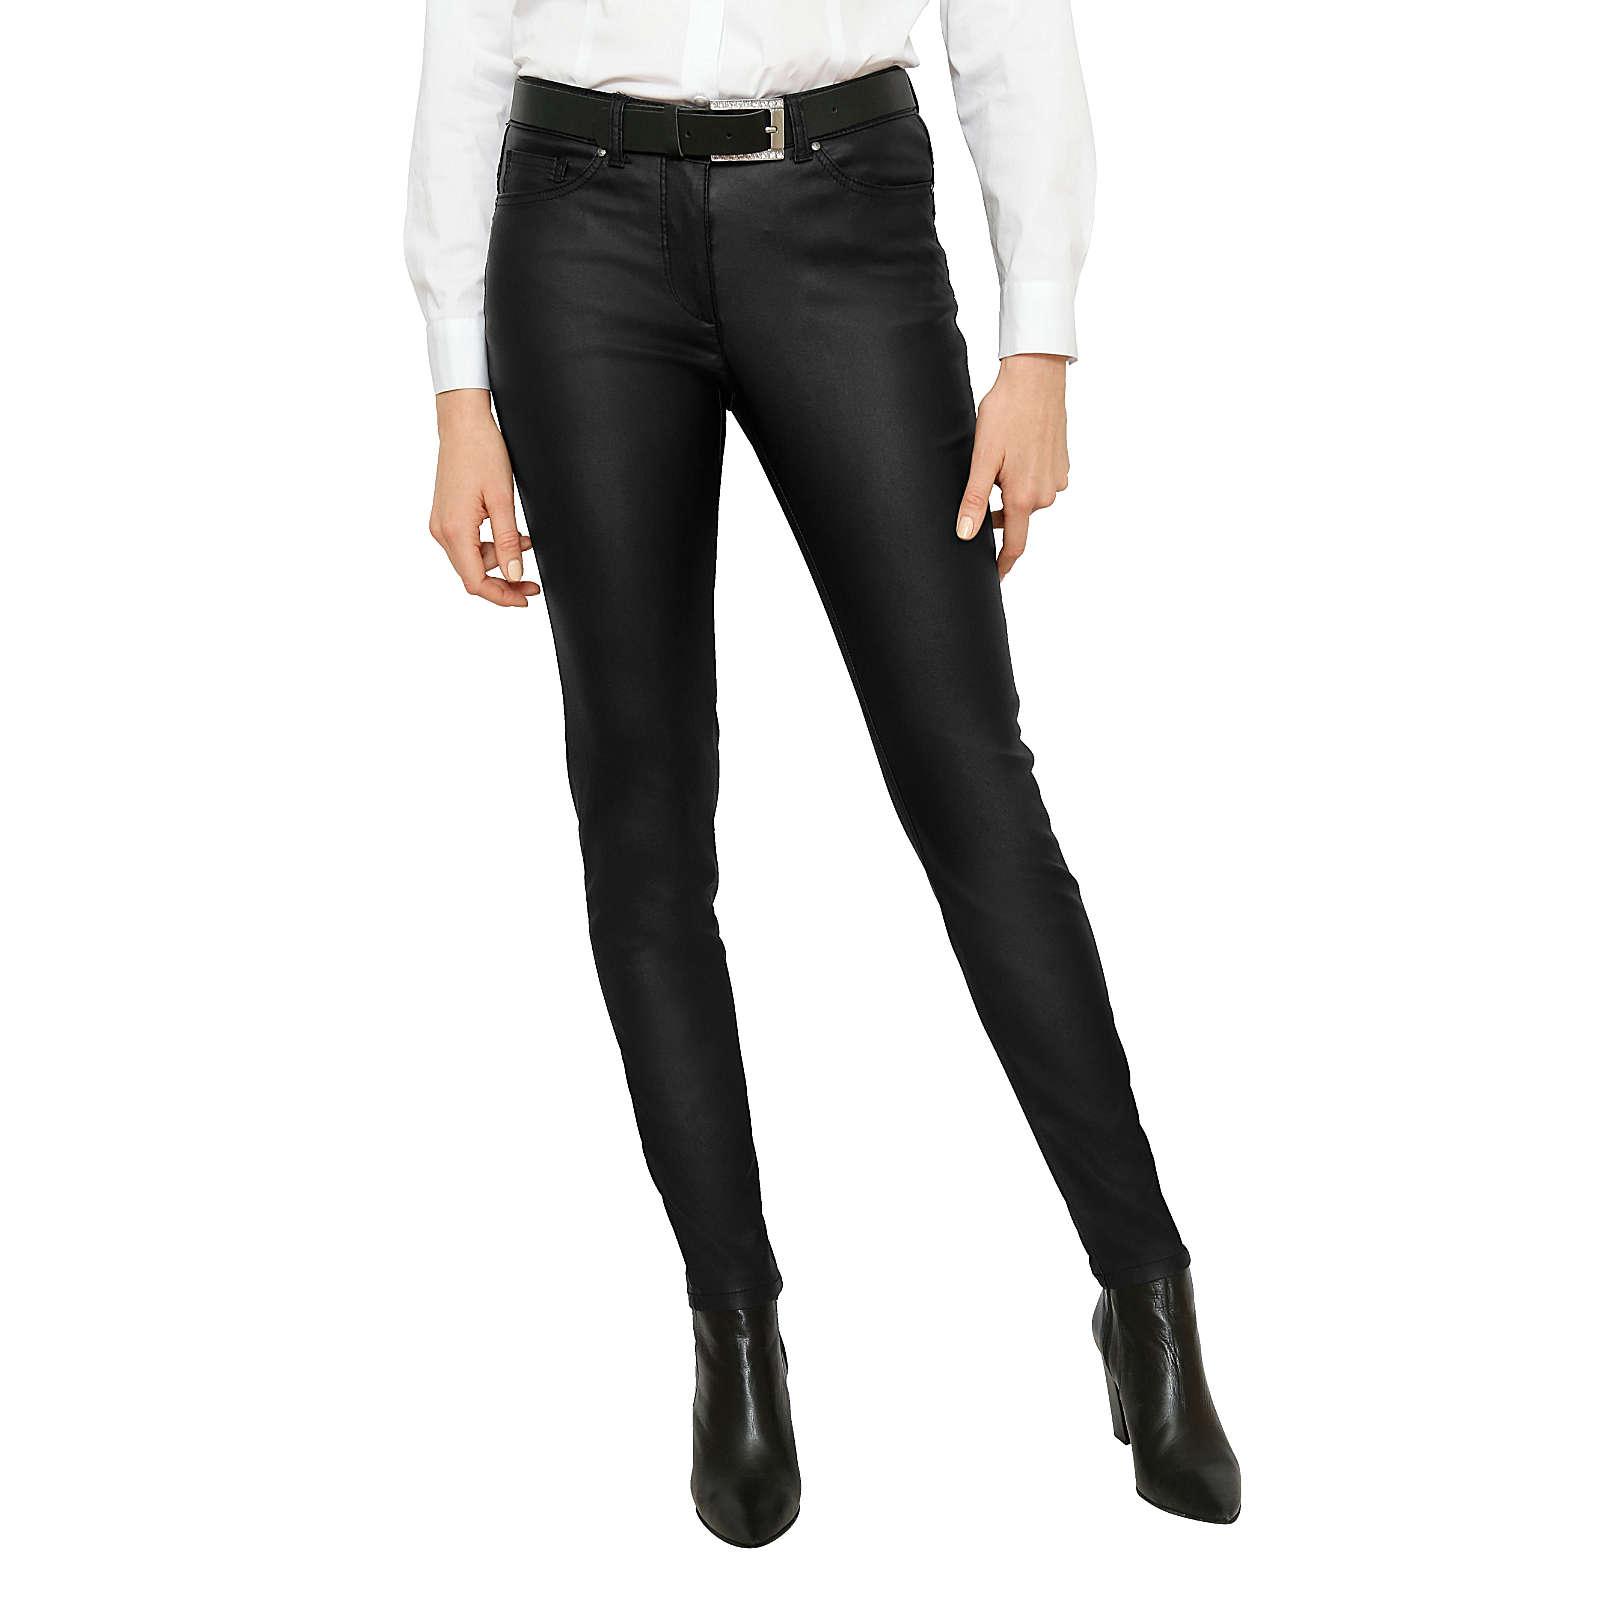 Amy Vermont Jeans schwarz Damen Gr. 38